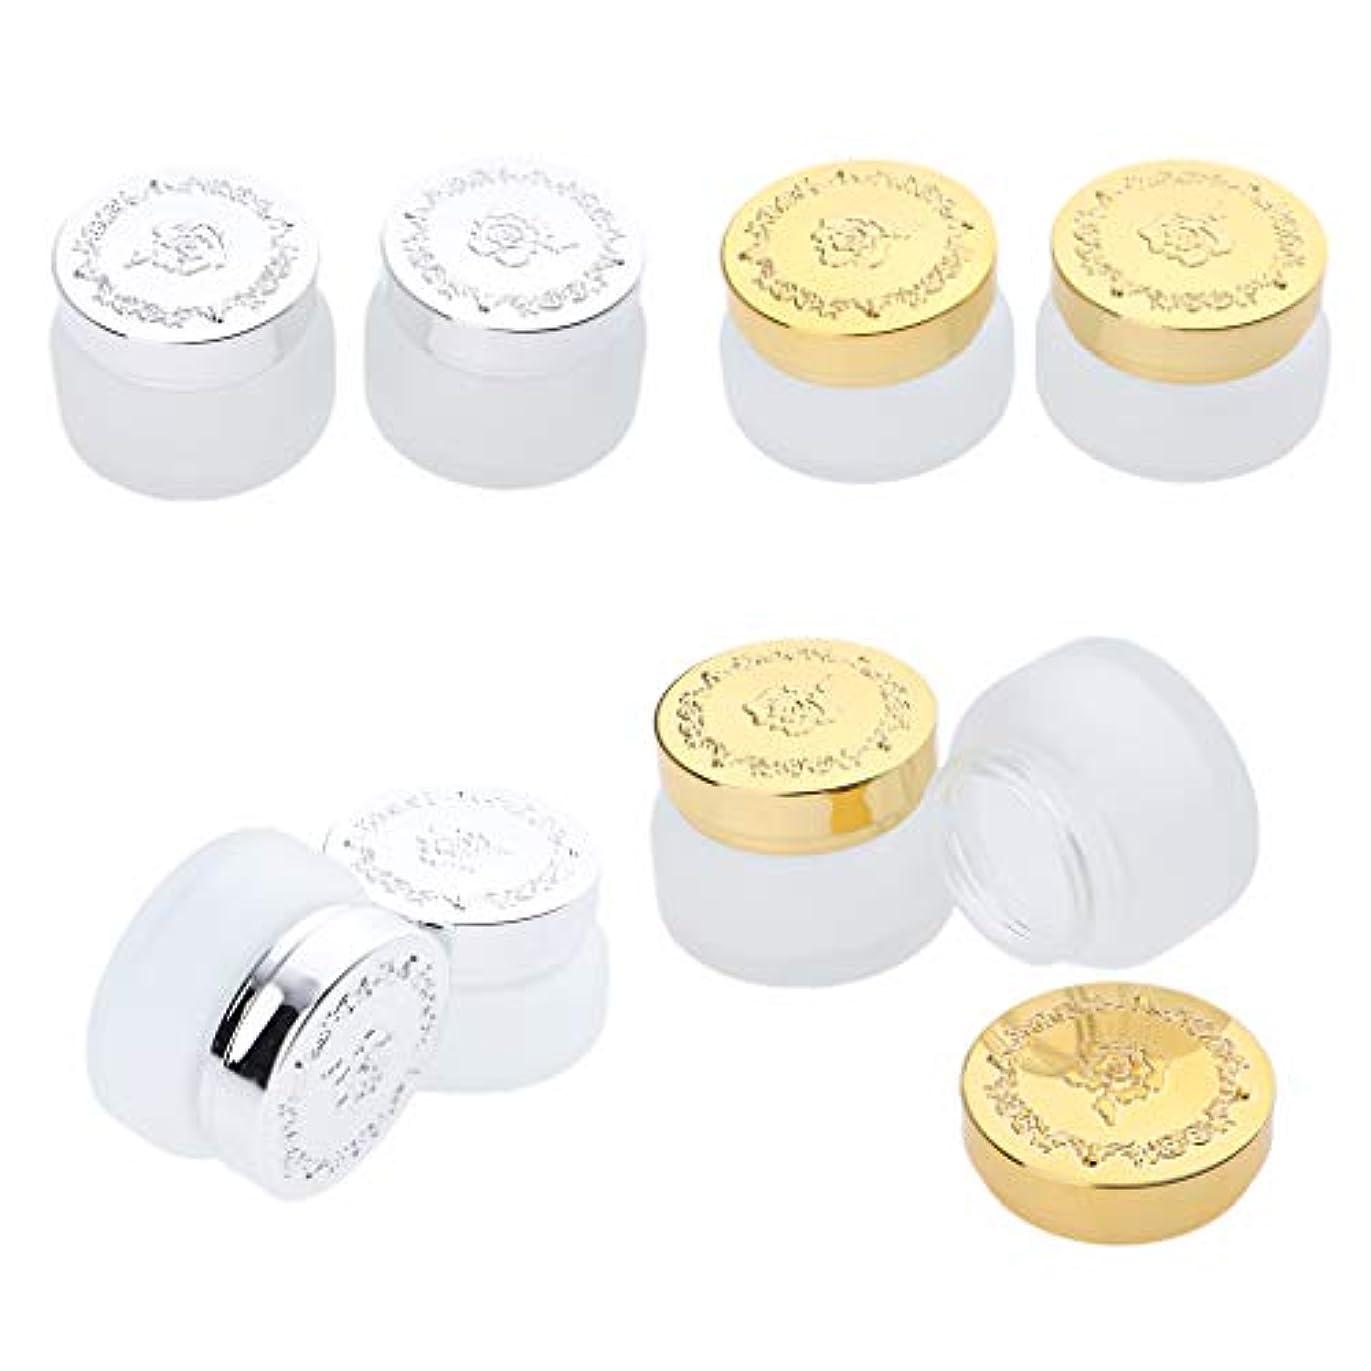 エレガント帽子発疹DYNWAVE ハンドクリーム 容器 乳白色 ハンド クリーム アロマ ボトル 8個セット